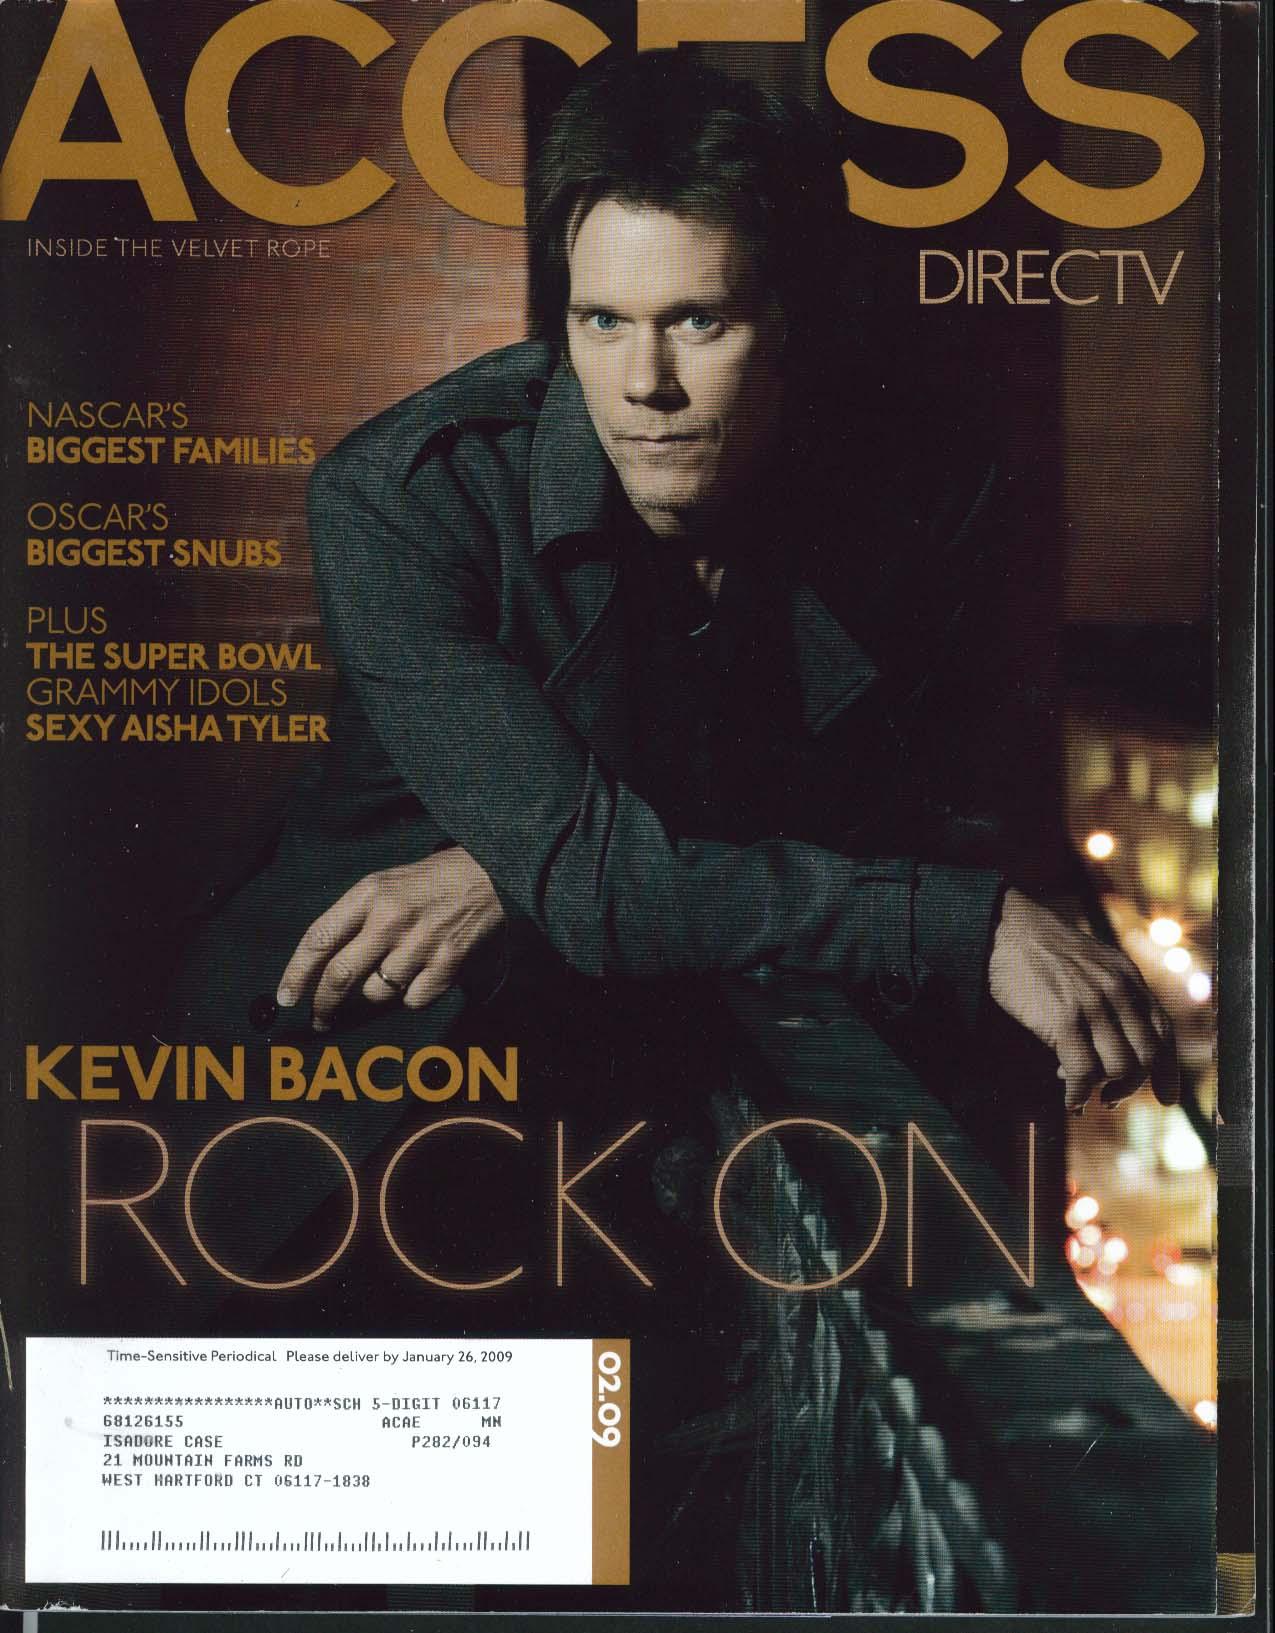 Image for ACCESS DirecTV Kevin Bacon NASCAR Oscars Aisha Tyler 2 2009